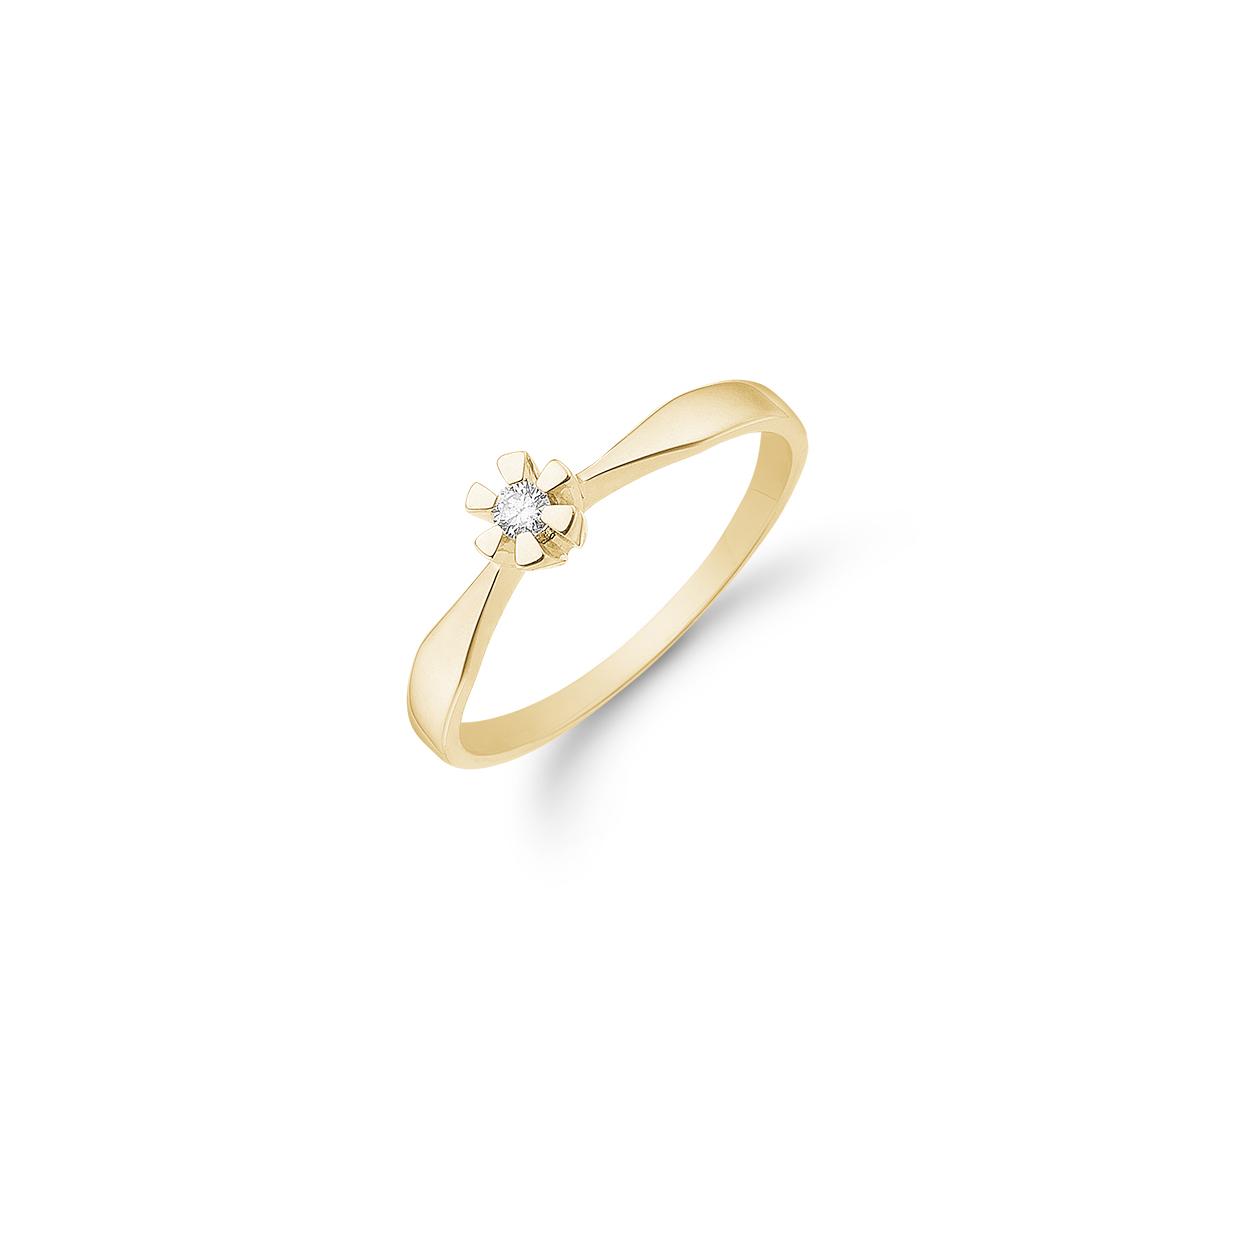 Image of   Aagaard 8 kt ring 0,03ct - 08649903-34 Størrelse 56